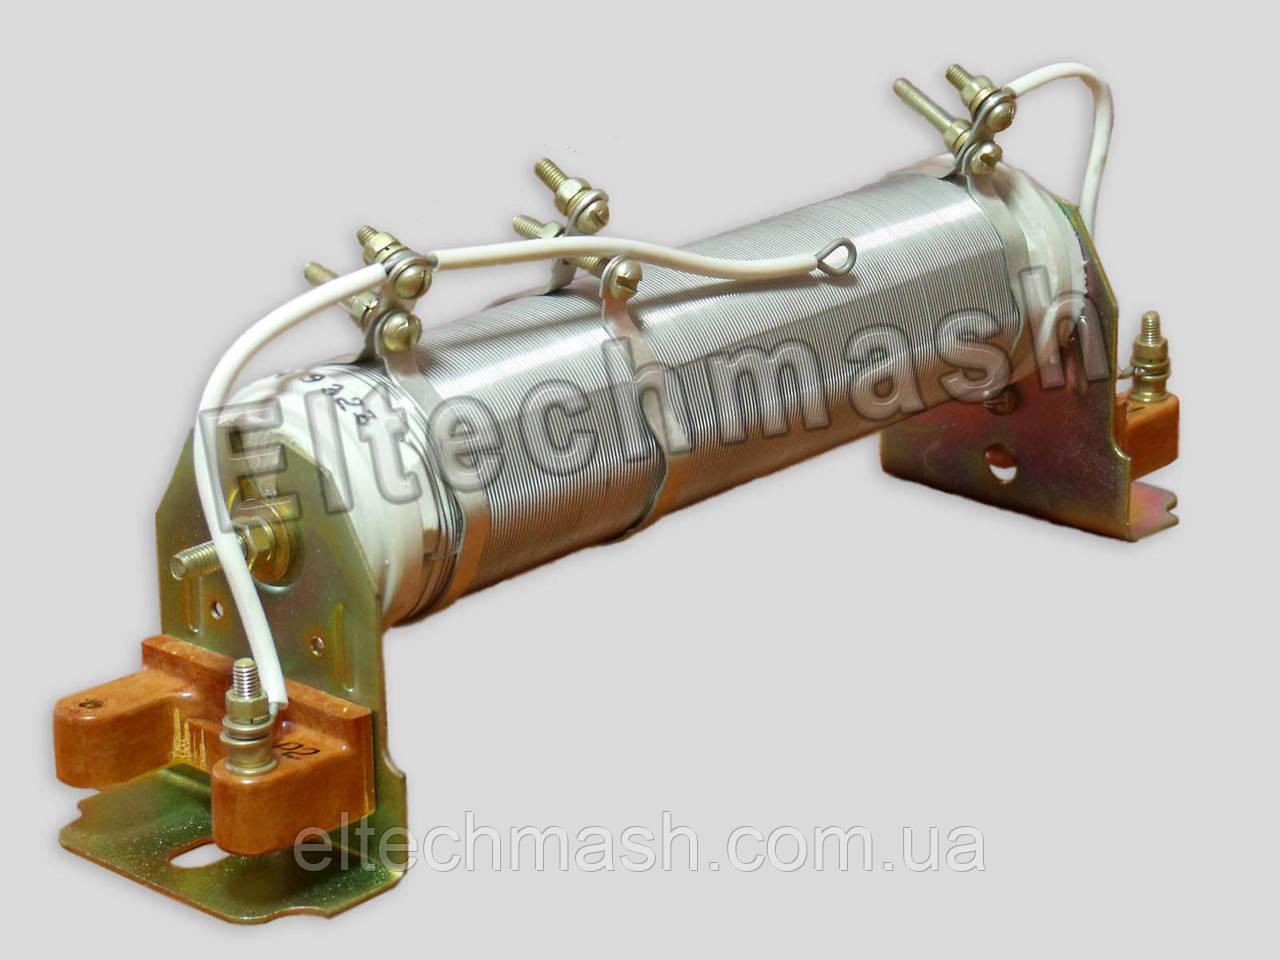 Резистор ПС-50139 УХЛ2